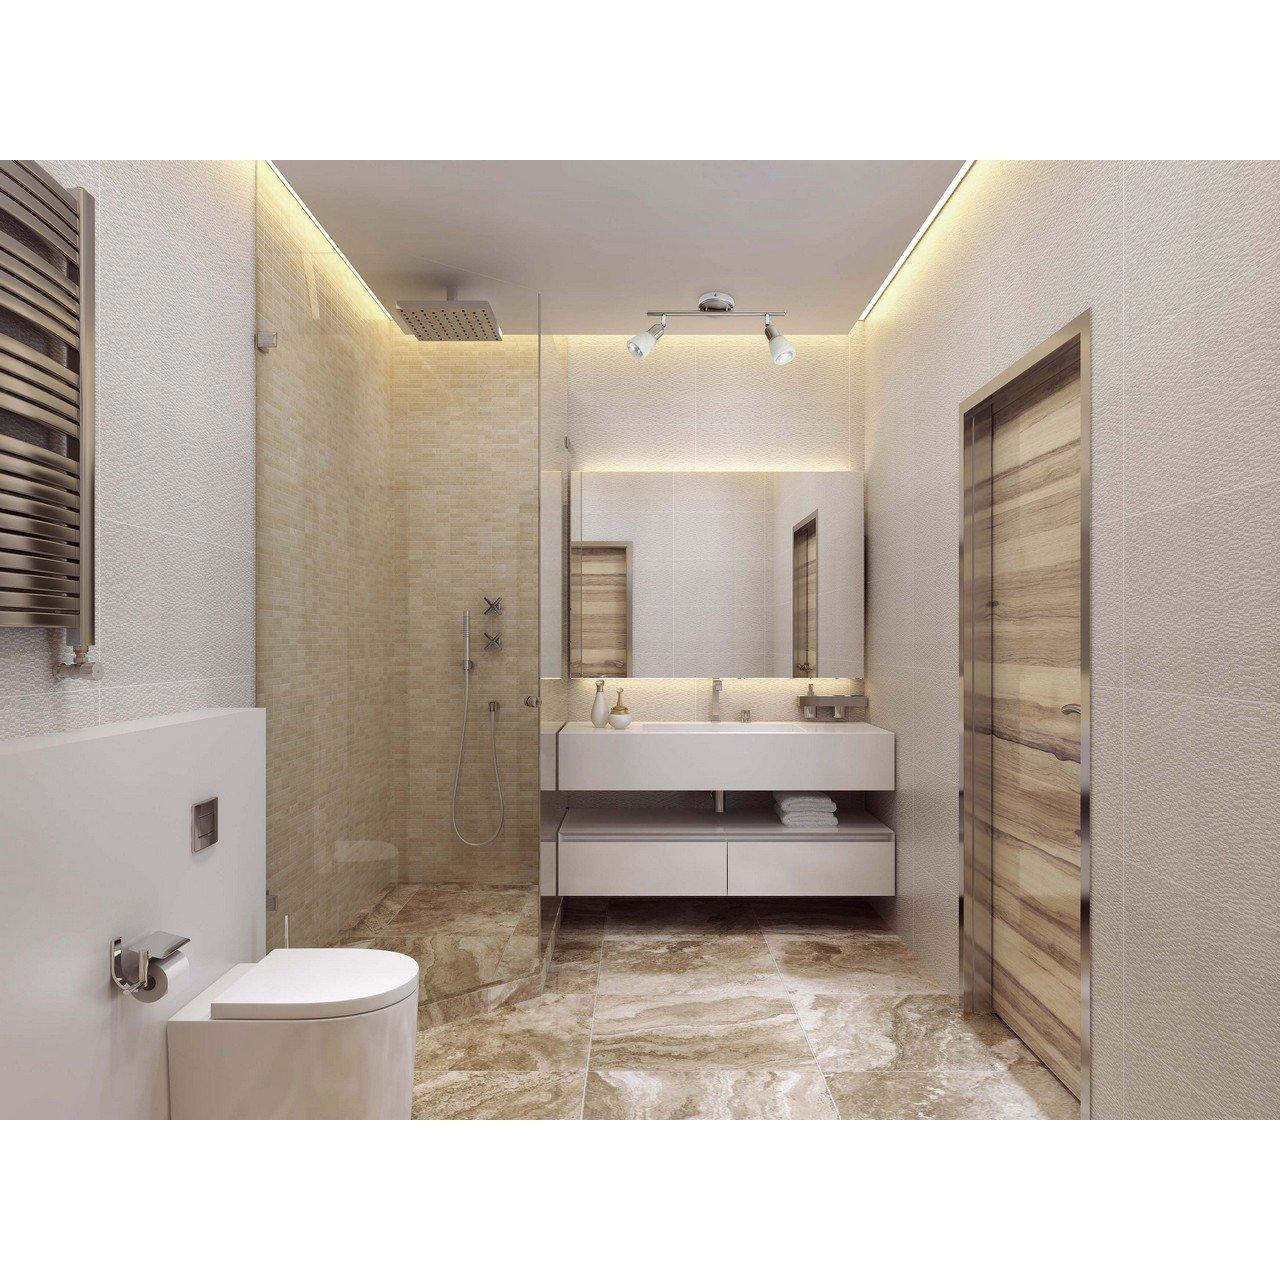 Double spot sur rail a 2 lampes réglables, applique ou plafonnier de style moderne en métal chrome et verre blanc, pour salle de bain ou cuisine, 2 ampoules non-incl. 2 x 40W E 14 230 V [Classe énergétique A] DeMarkt